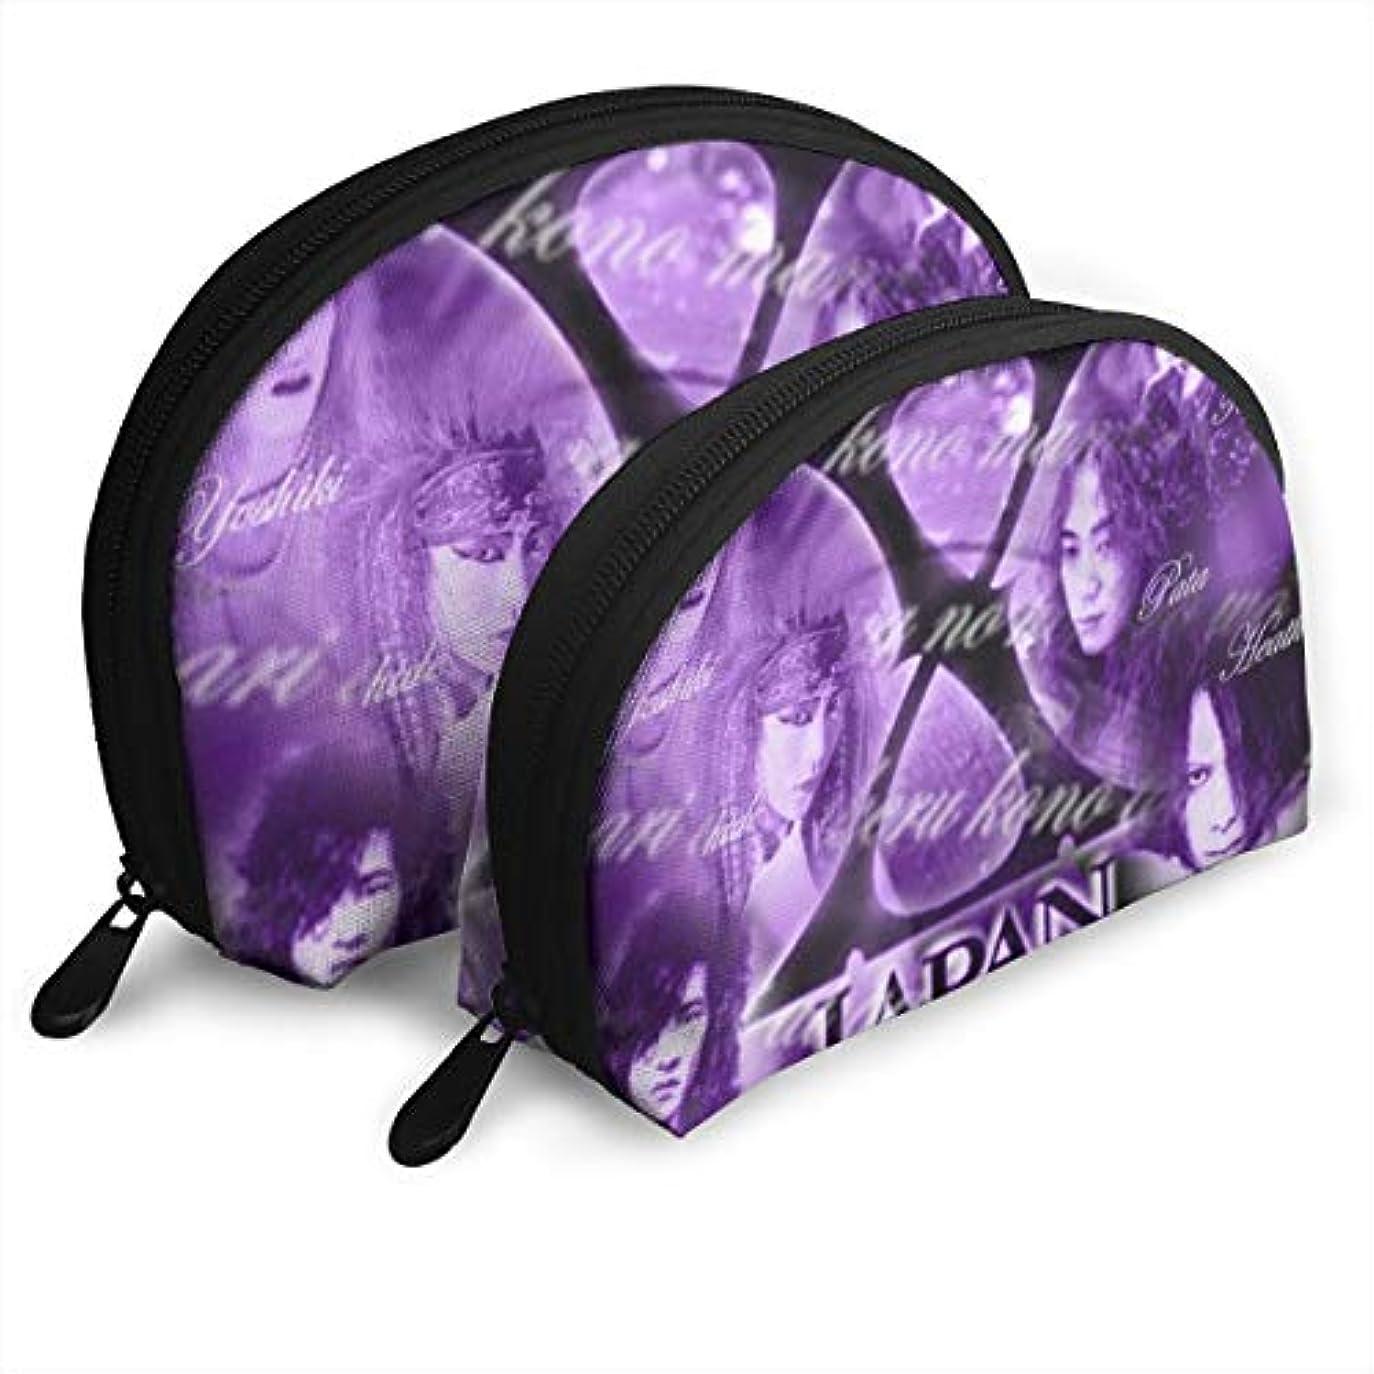 絶滅させる反対するライオネルグリーンストリートX-Japan 紫色のスタイル 化粧バッグ セット メイクポーチ 半円仕様 コスメポーチ メイク収納バッグ 小物入れ 出張 旅行メイクバッグ可愛い 男女兼用 プレゼント